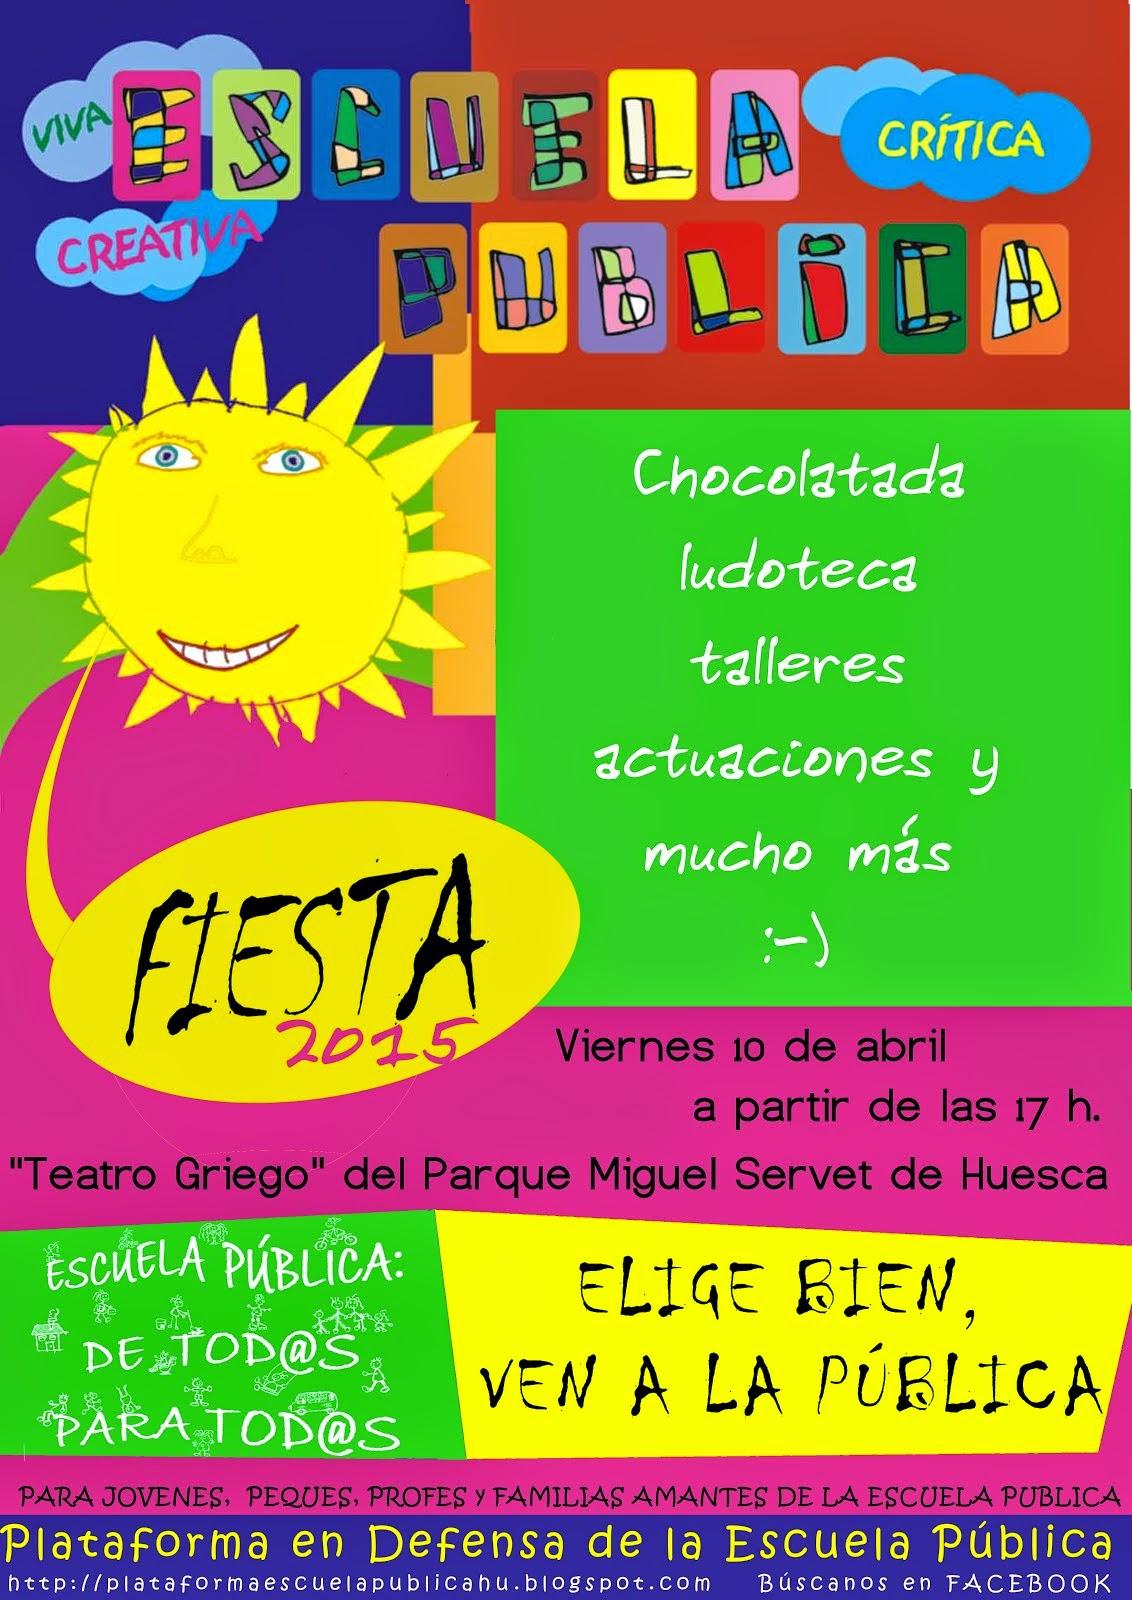 Fiesta Escuela Pública 2015